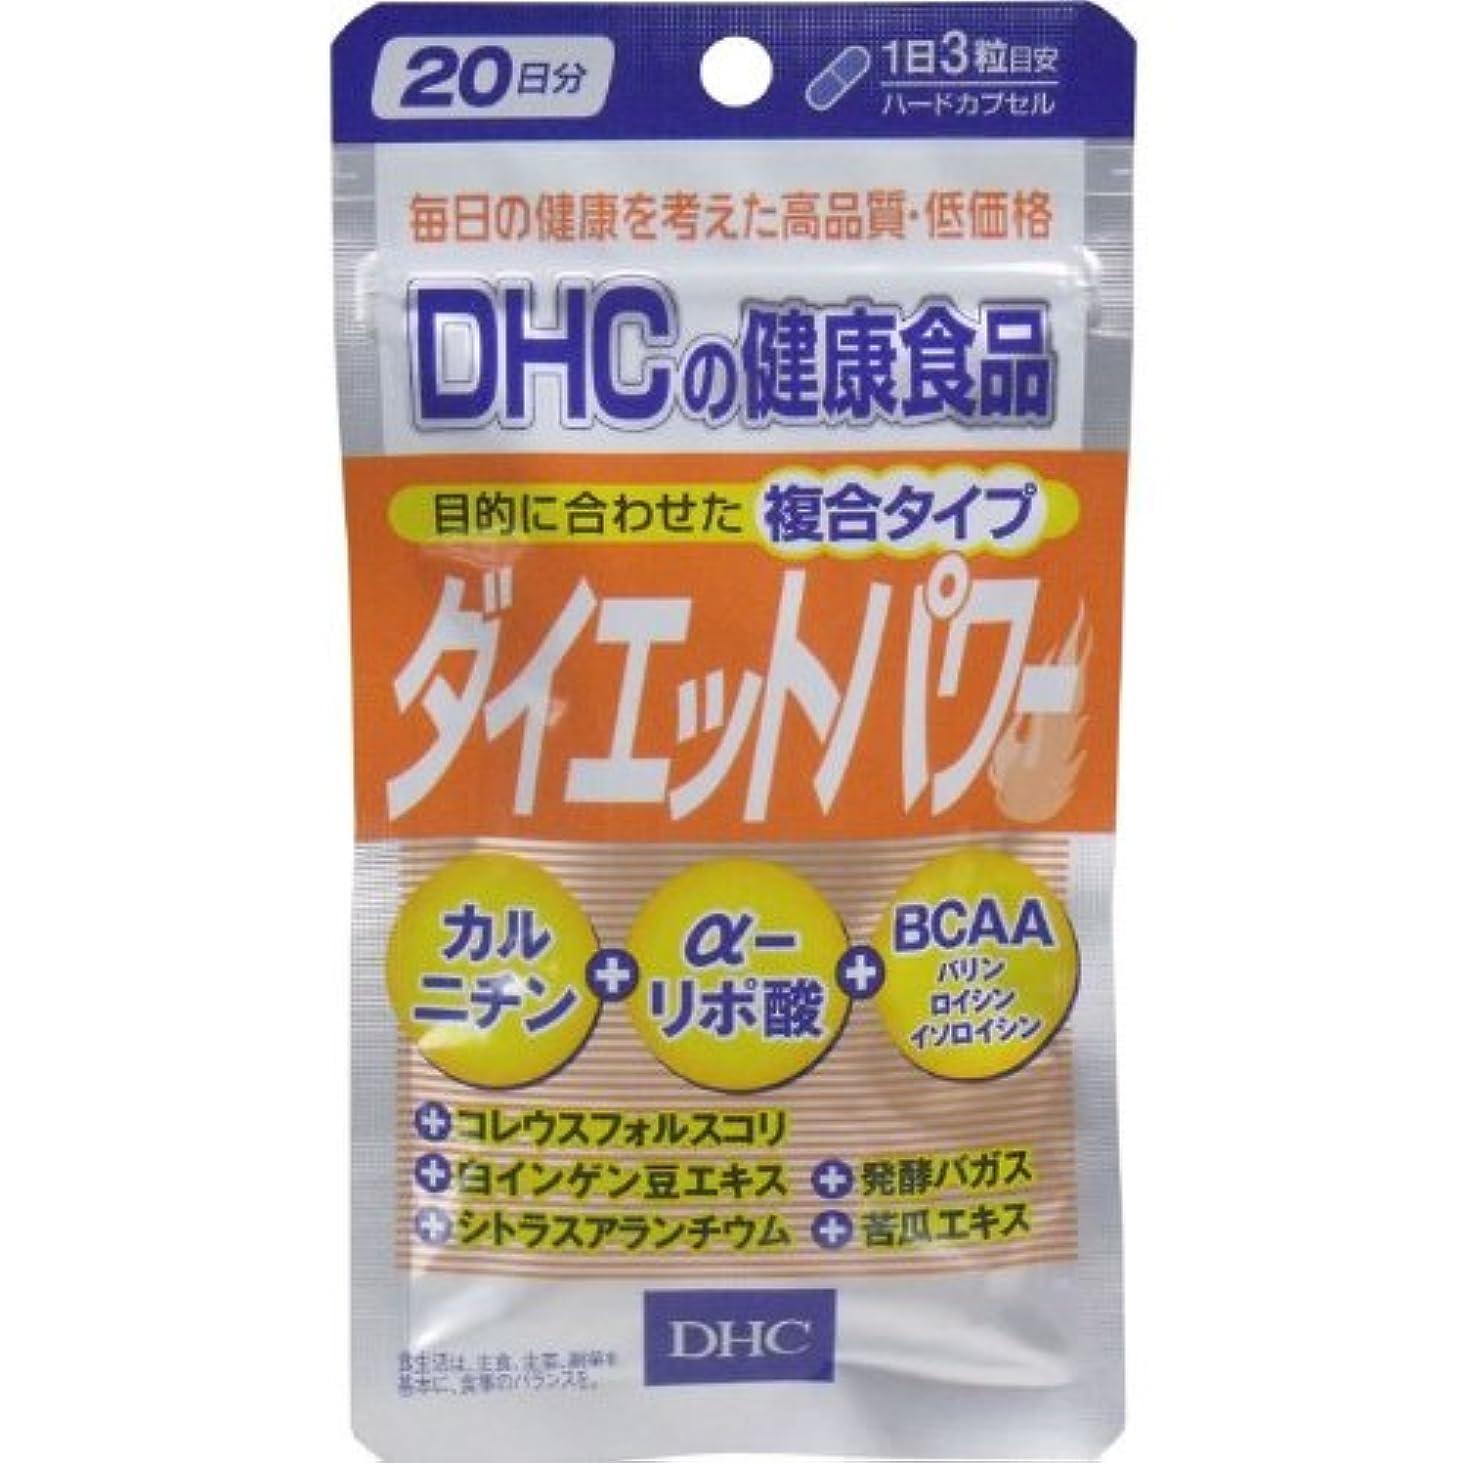 寄り添う覗く鉛DHC ダイエットパワー 60粒入 20日分【5個セット】